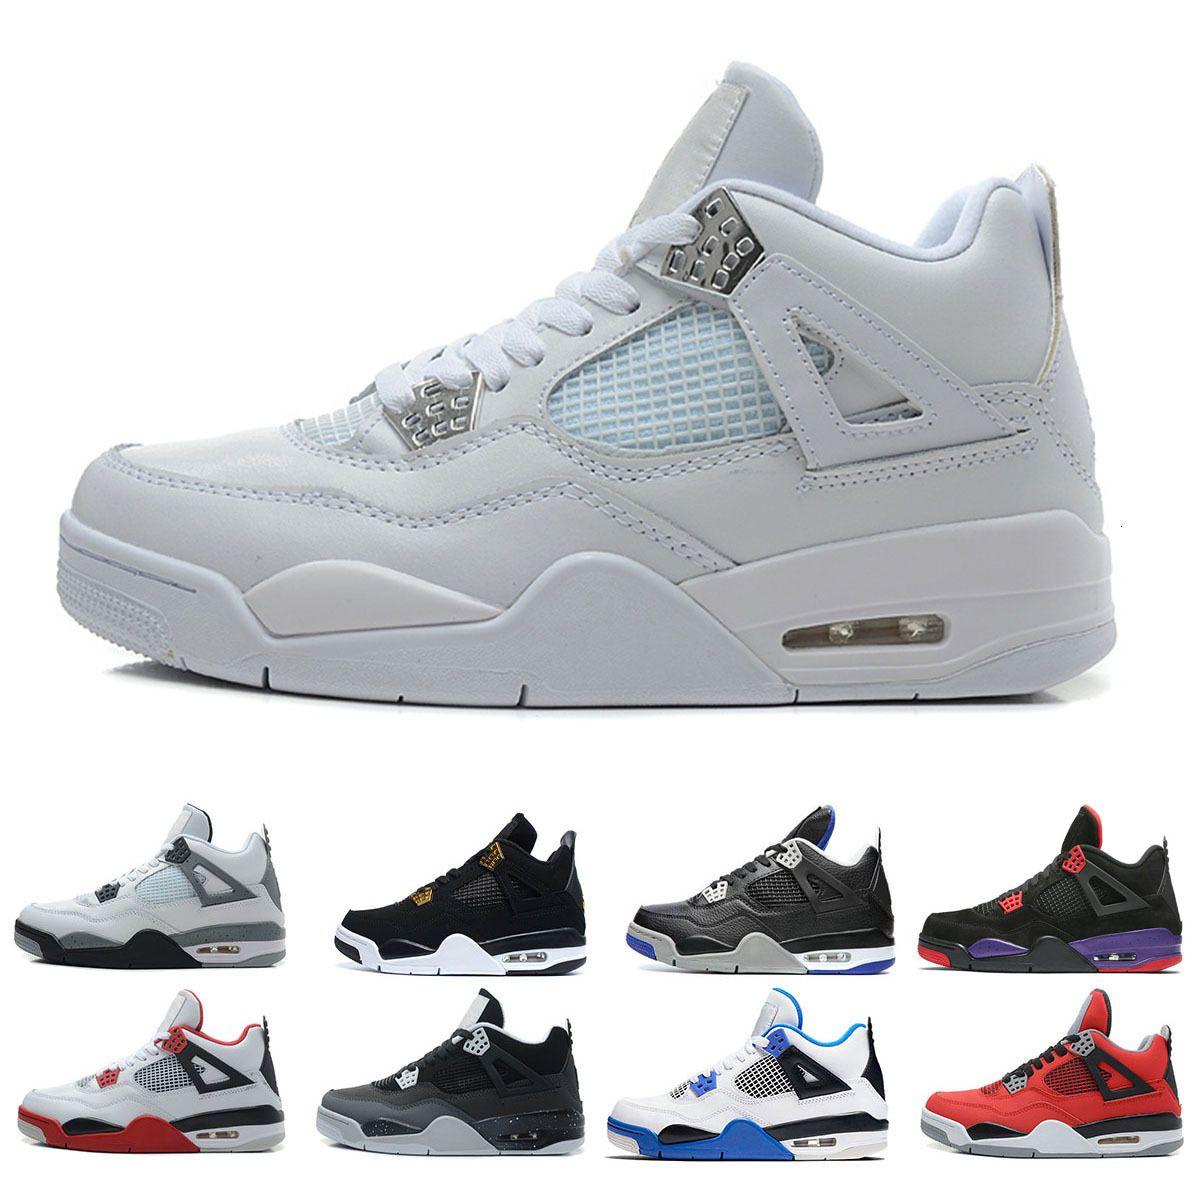 Хорошие преувеличения 4 мотоспорты синие мужские баскетбольные туфли 4S чистые деньги заводят белые цементные черные кошки кроссовки роялти красный 4S спортивная обувь